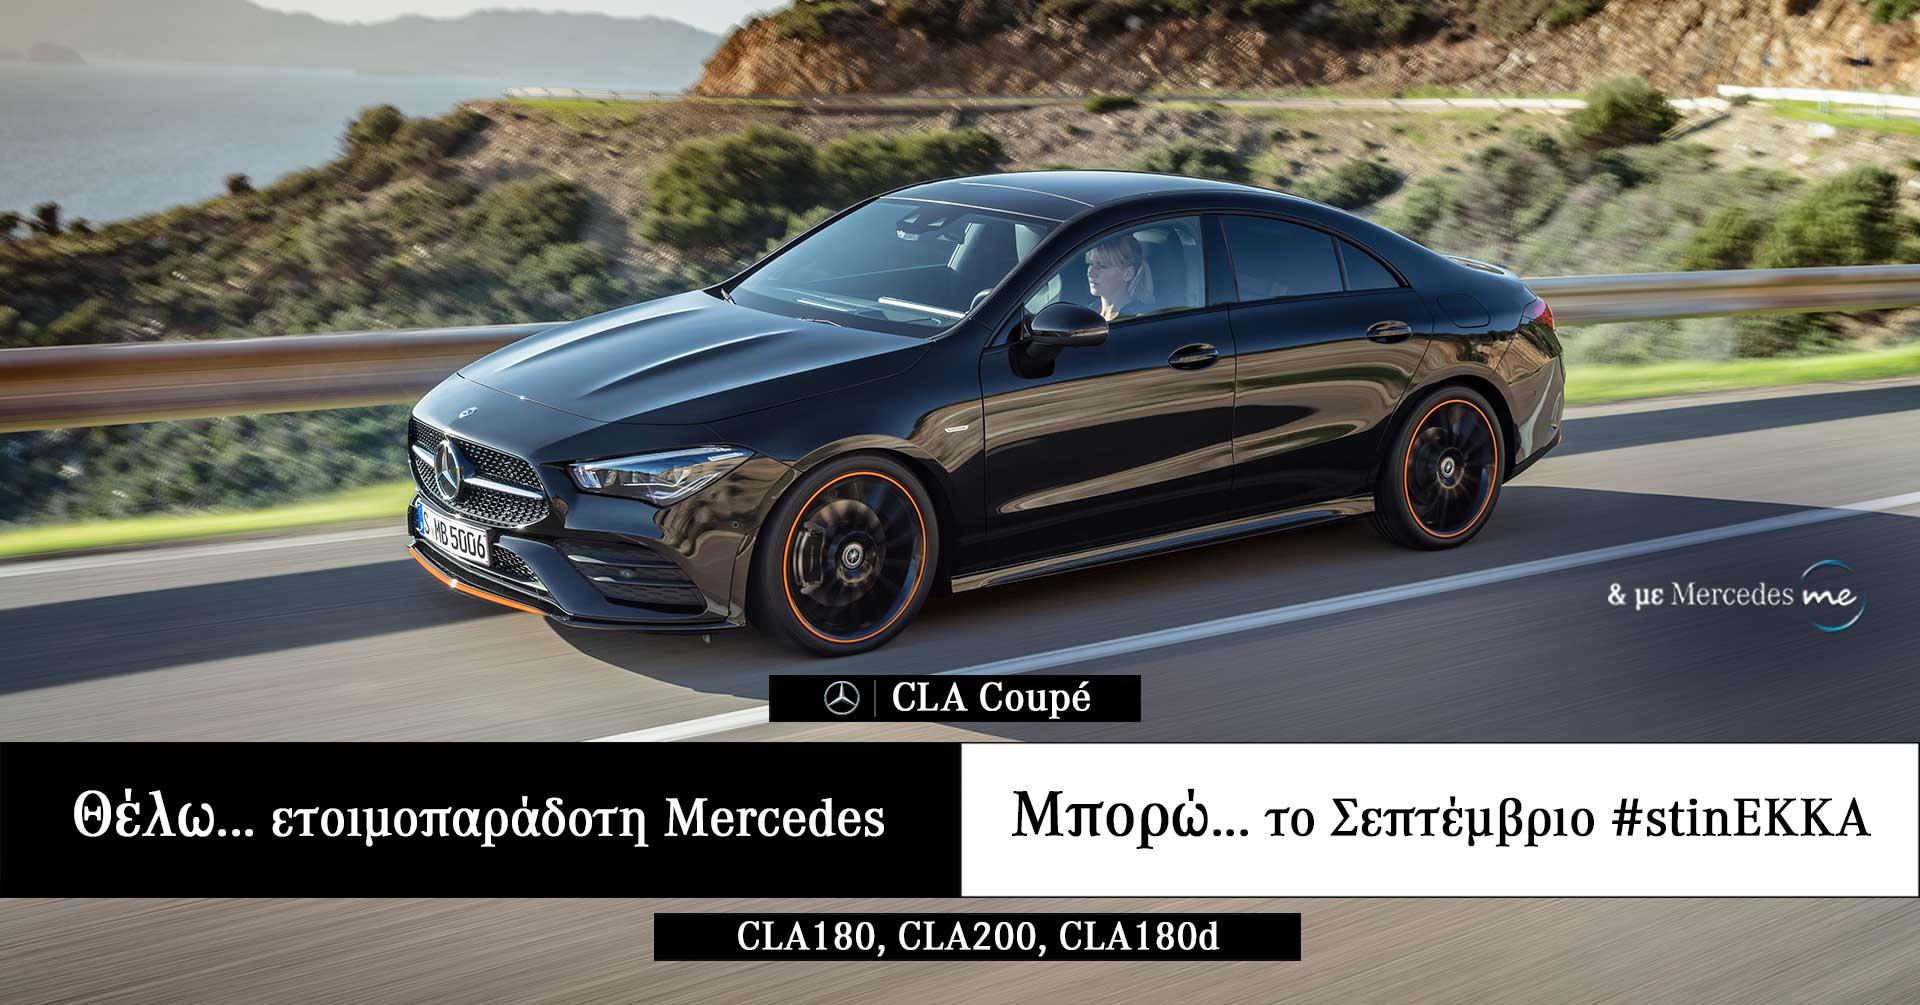 CLA Coupé (Βενζίνη & Diesel)